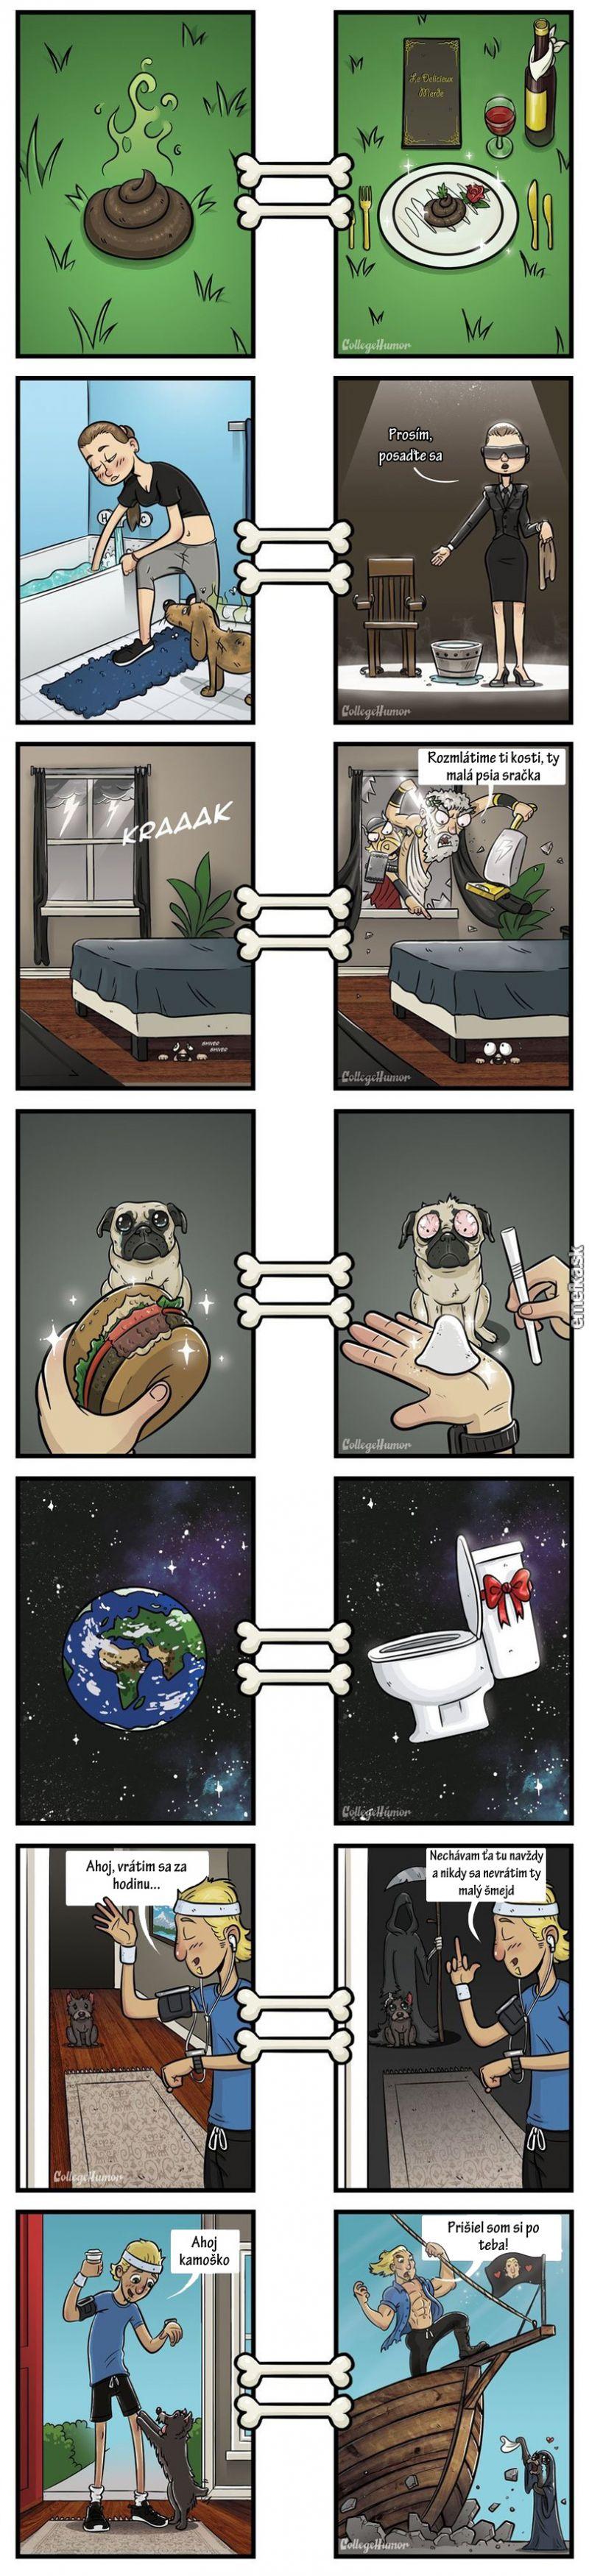 čo vidí pes